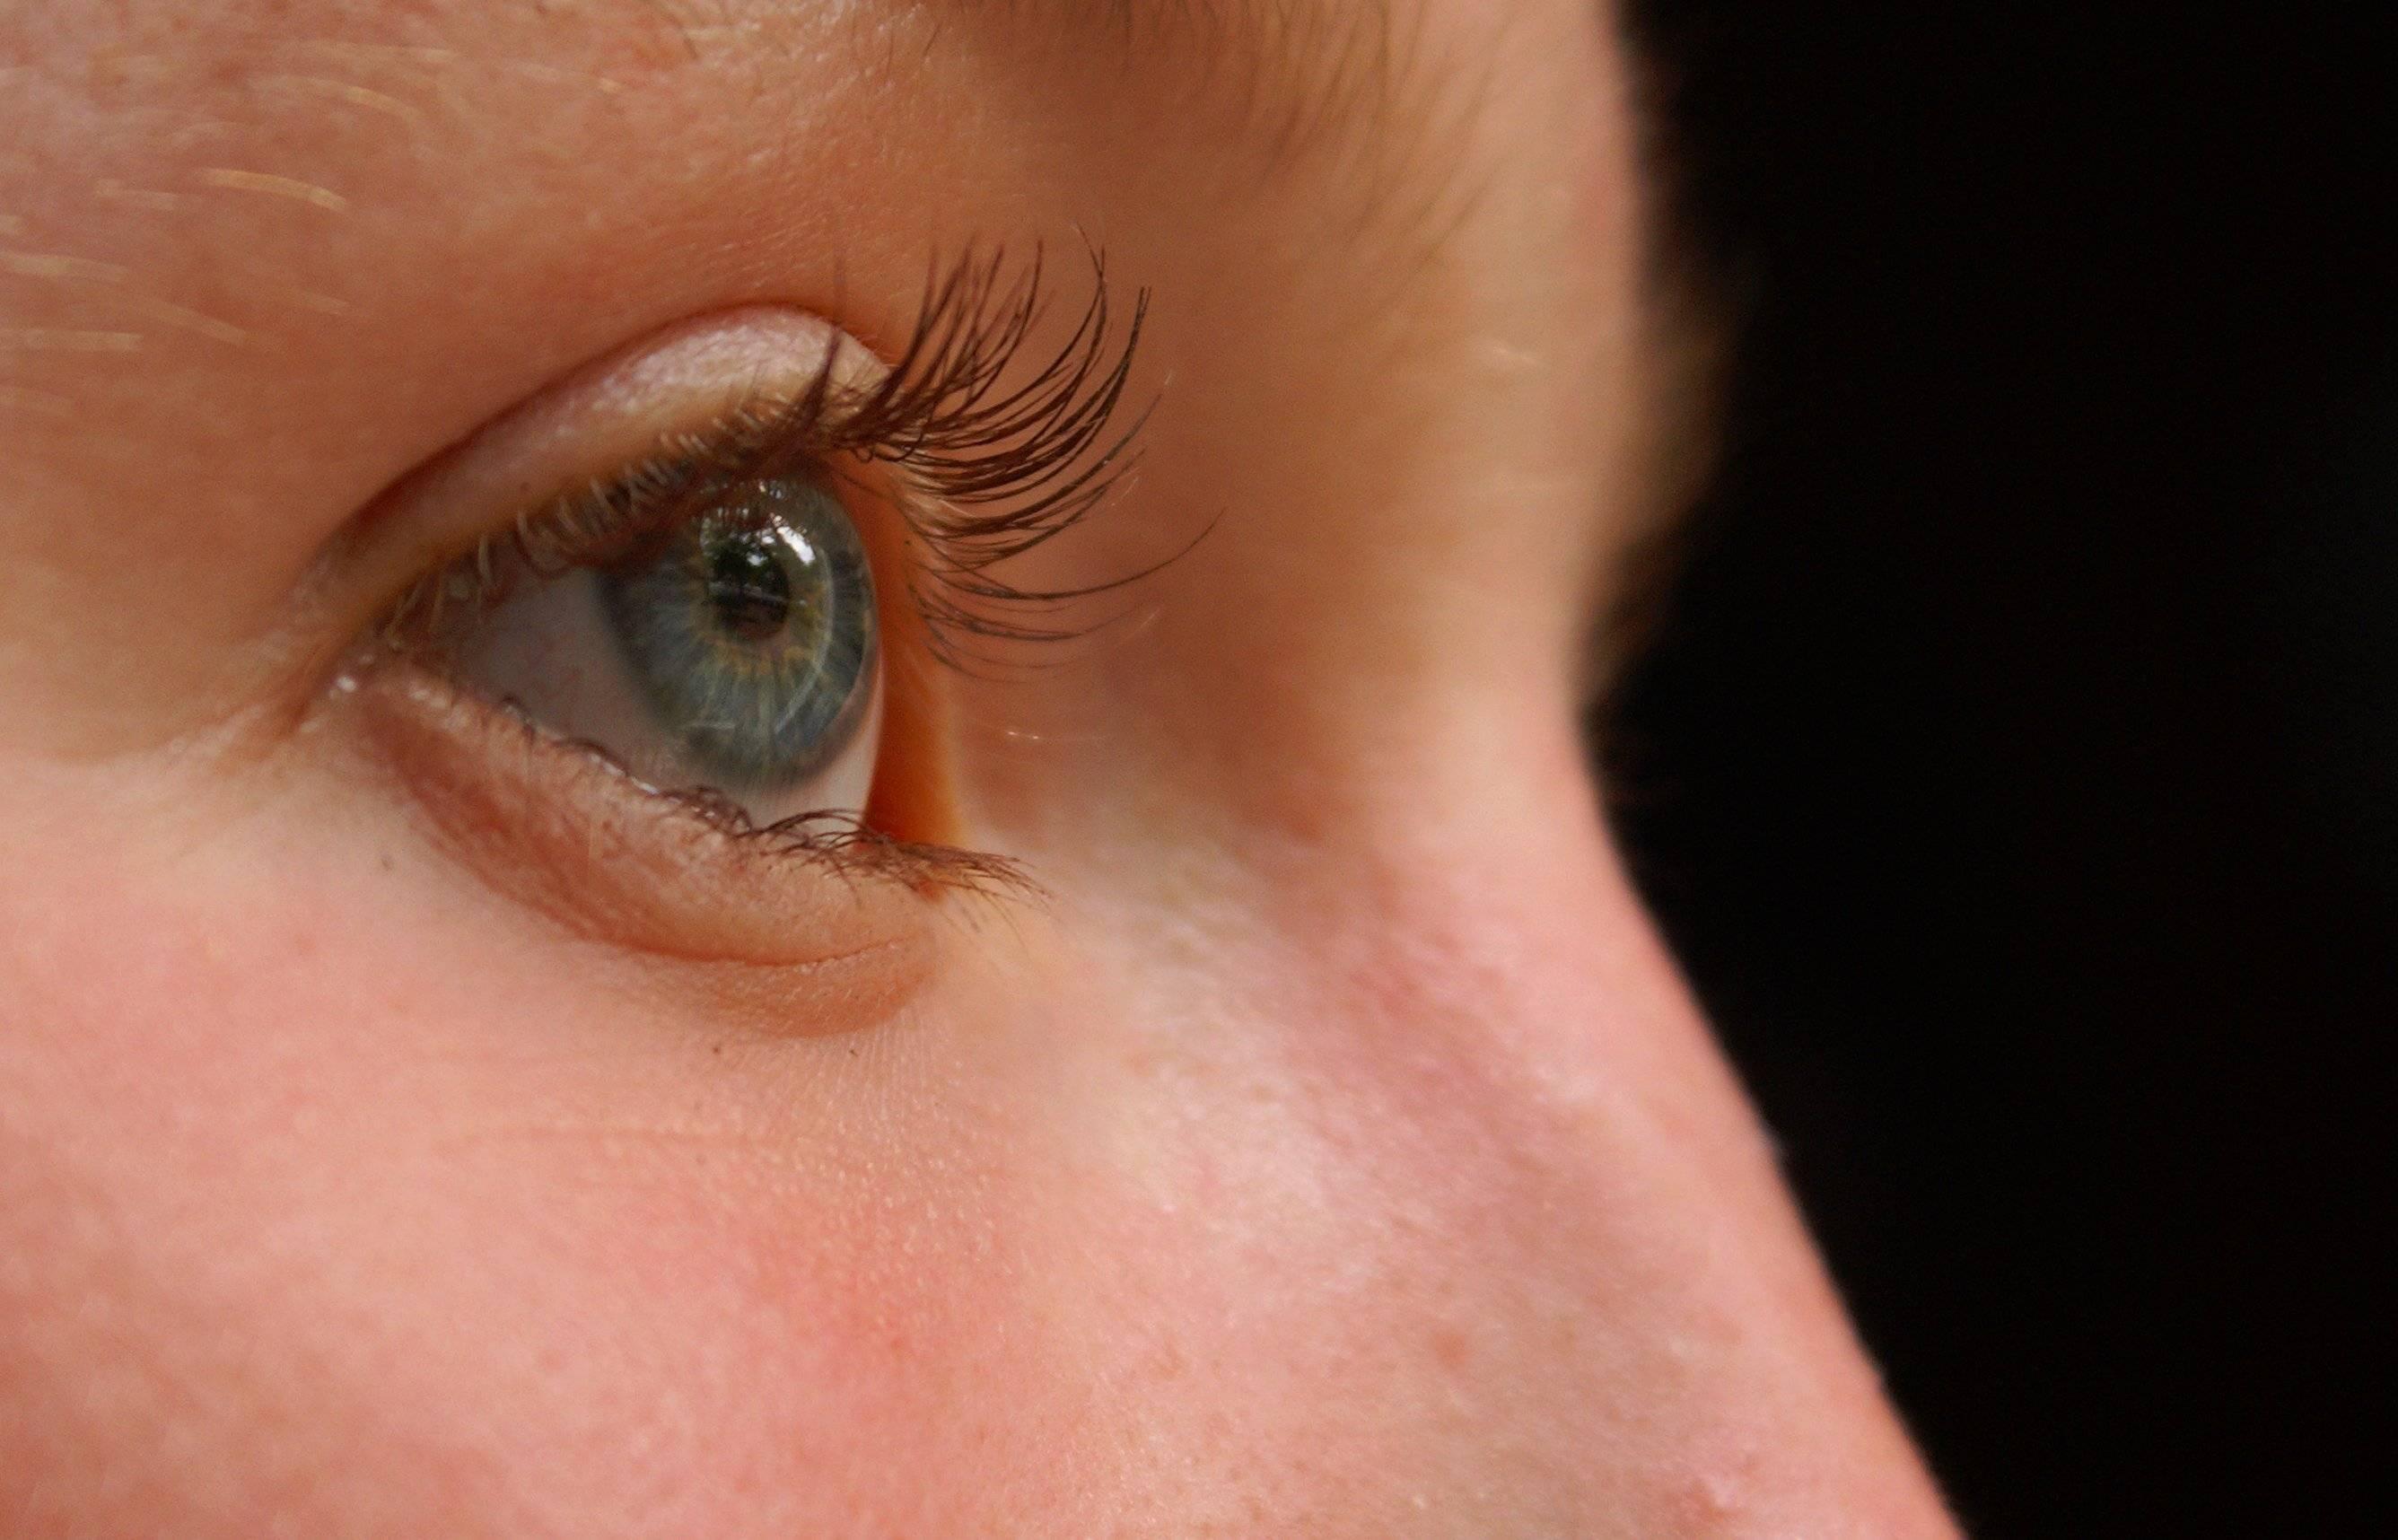 Глаза слезятся ночью во сне, почему устают от компьютера, света, линз, крема для лица, после бани, без причины, что делать